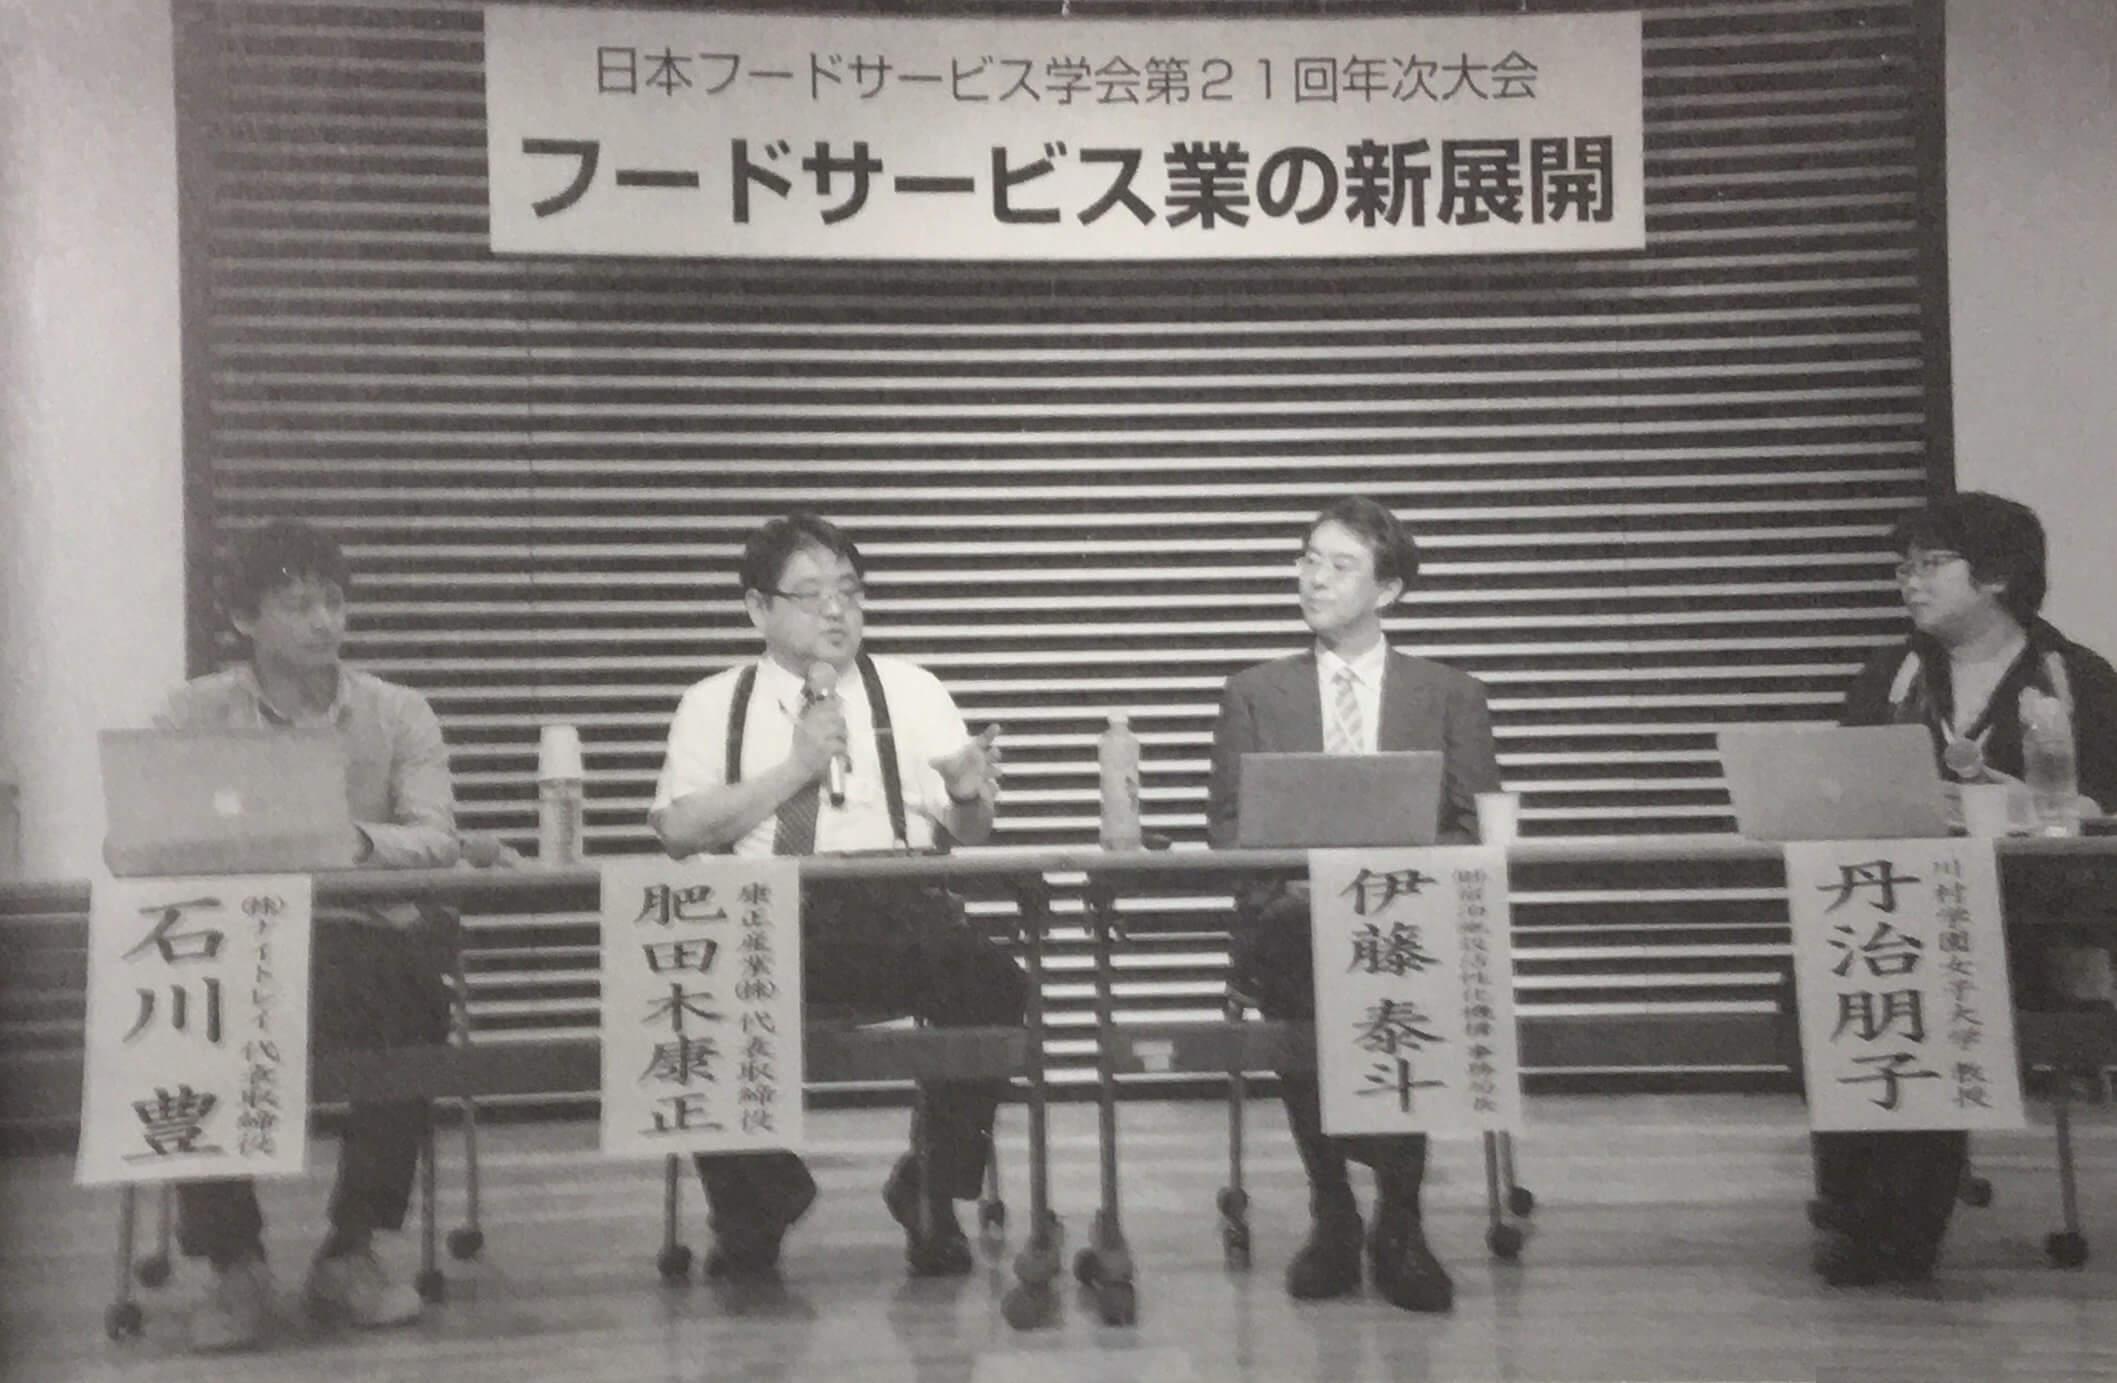 日本フードサービス学会年報 第21号本文